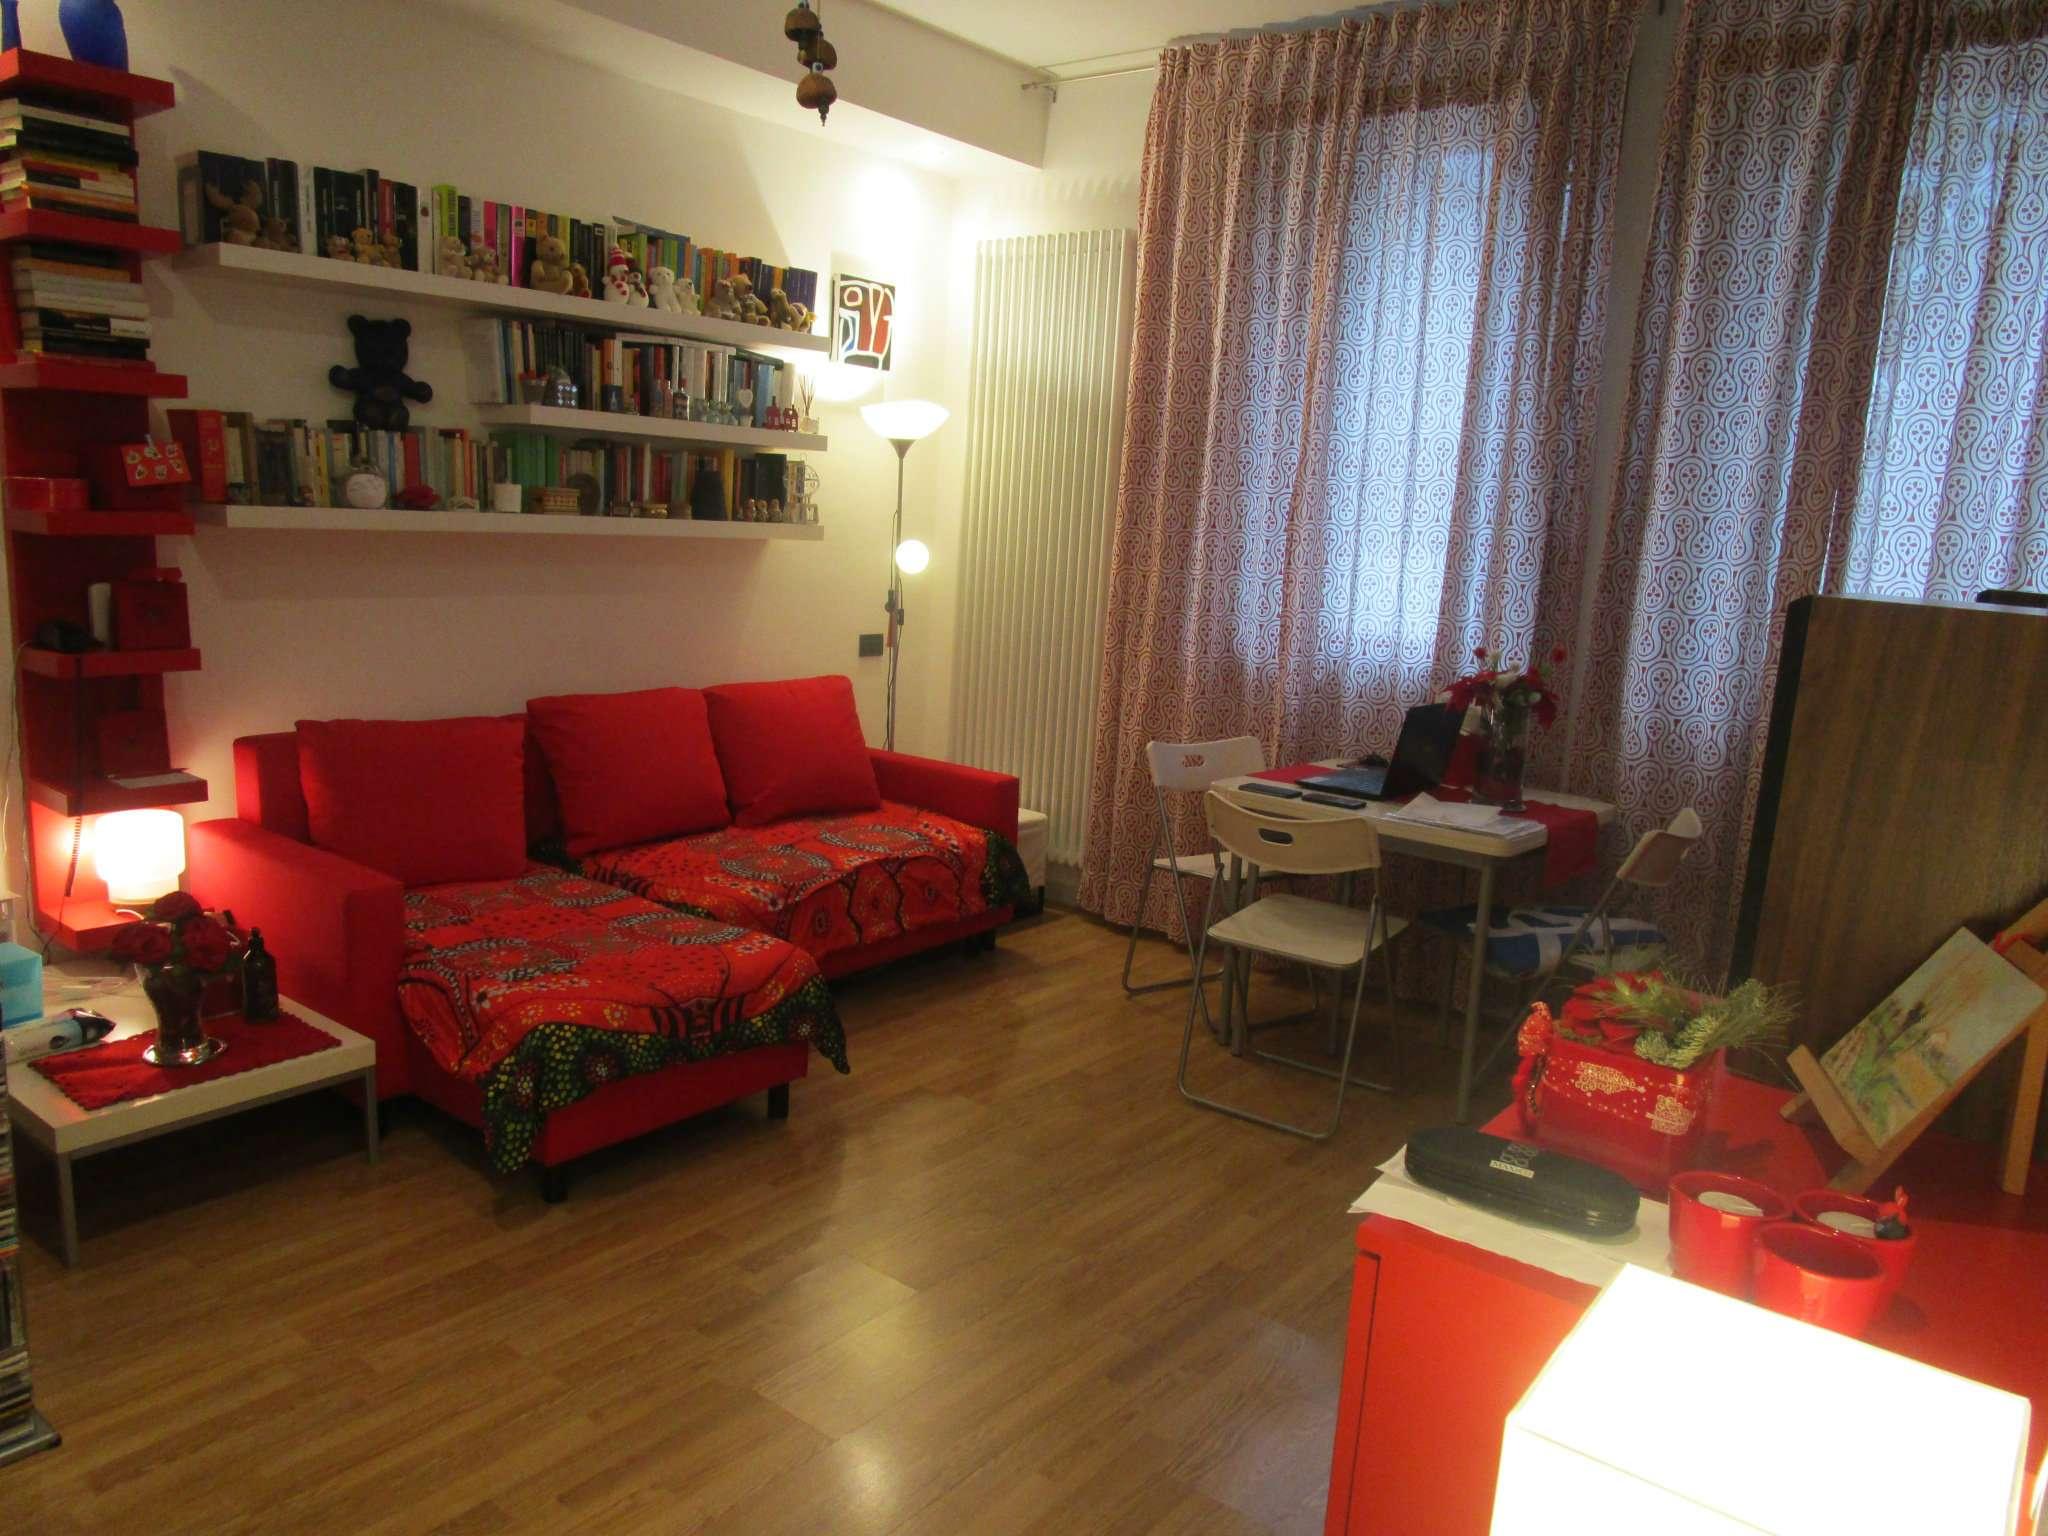 Monolocali in vendita a venezia in zona mestre cerca con - Idea casa biancheria mestre ...